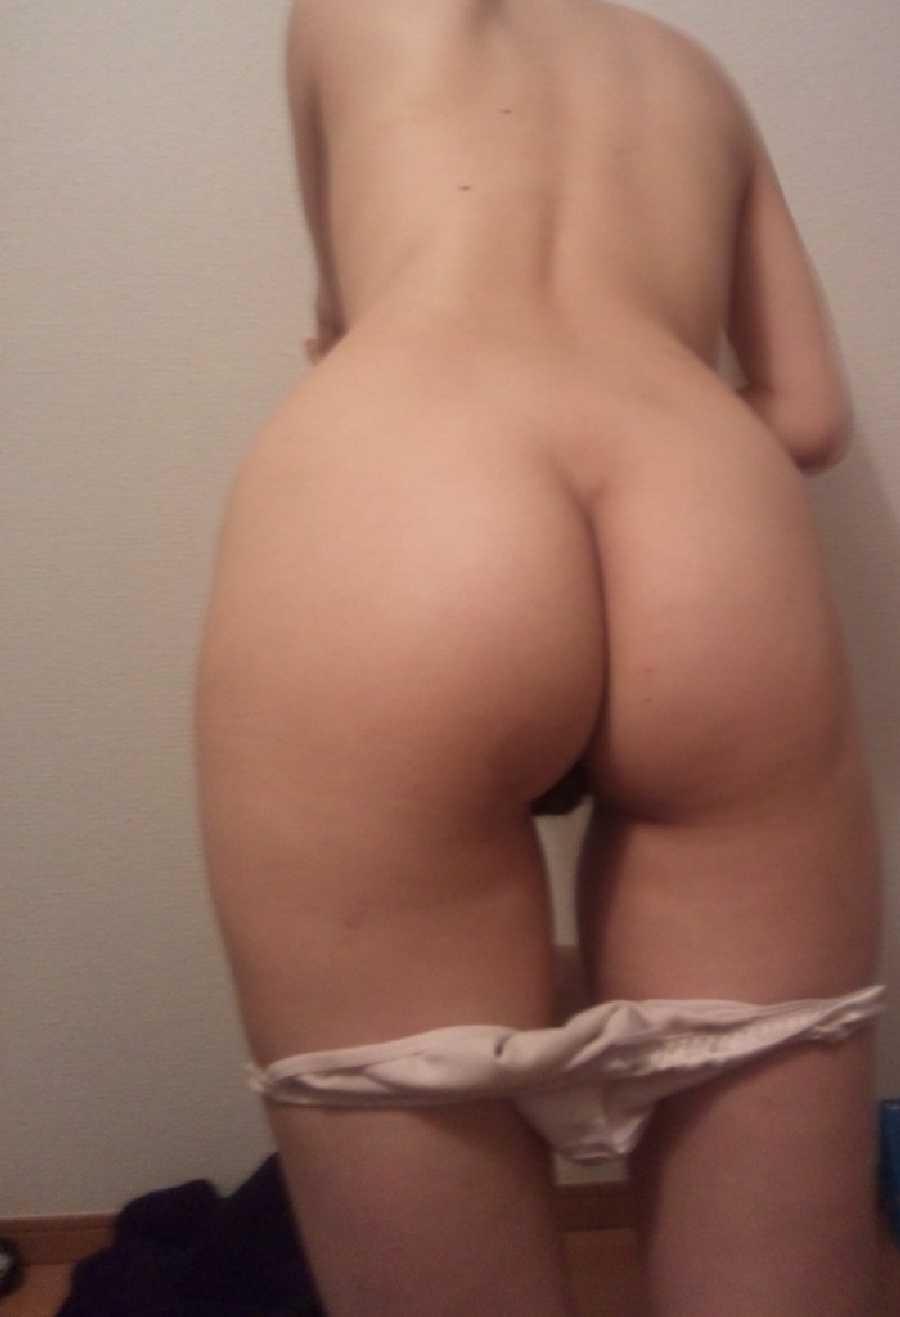 Asian Wife's Ass